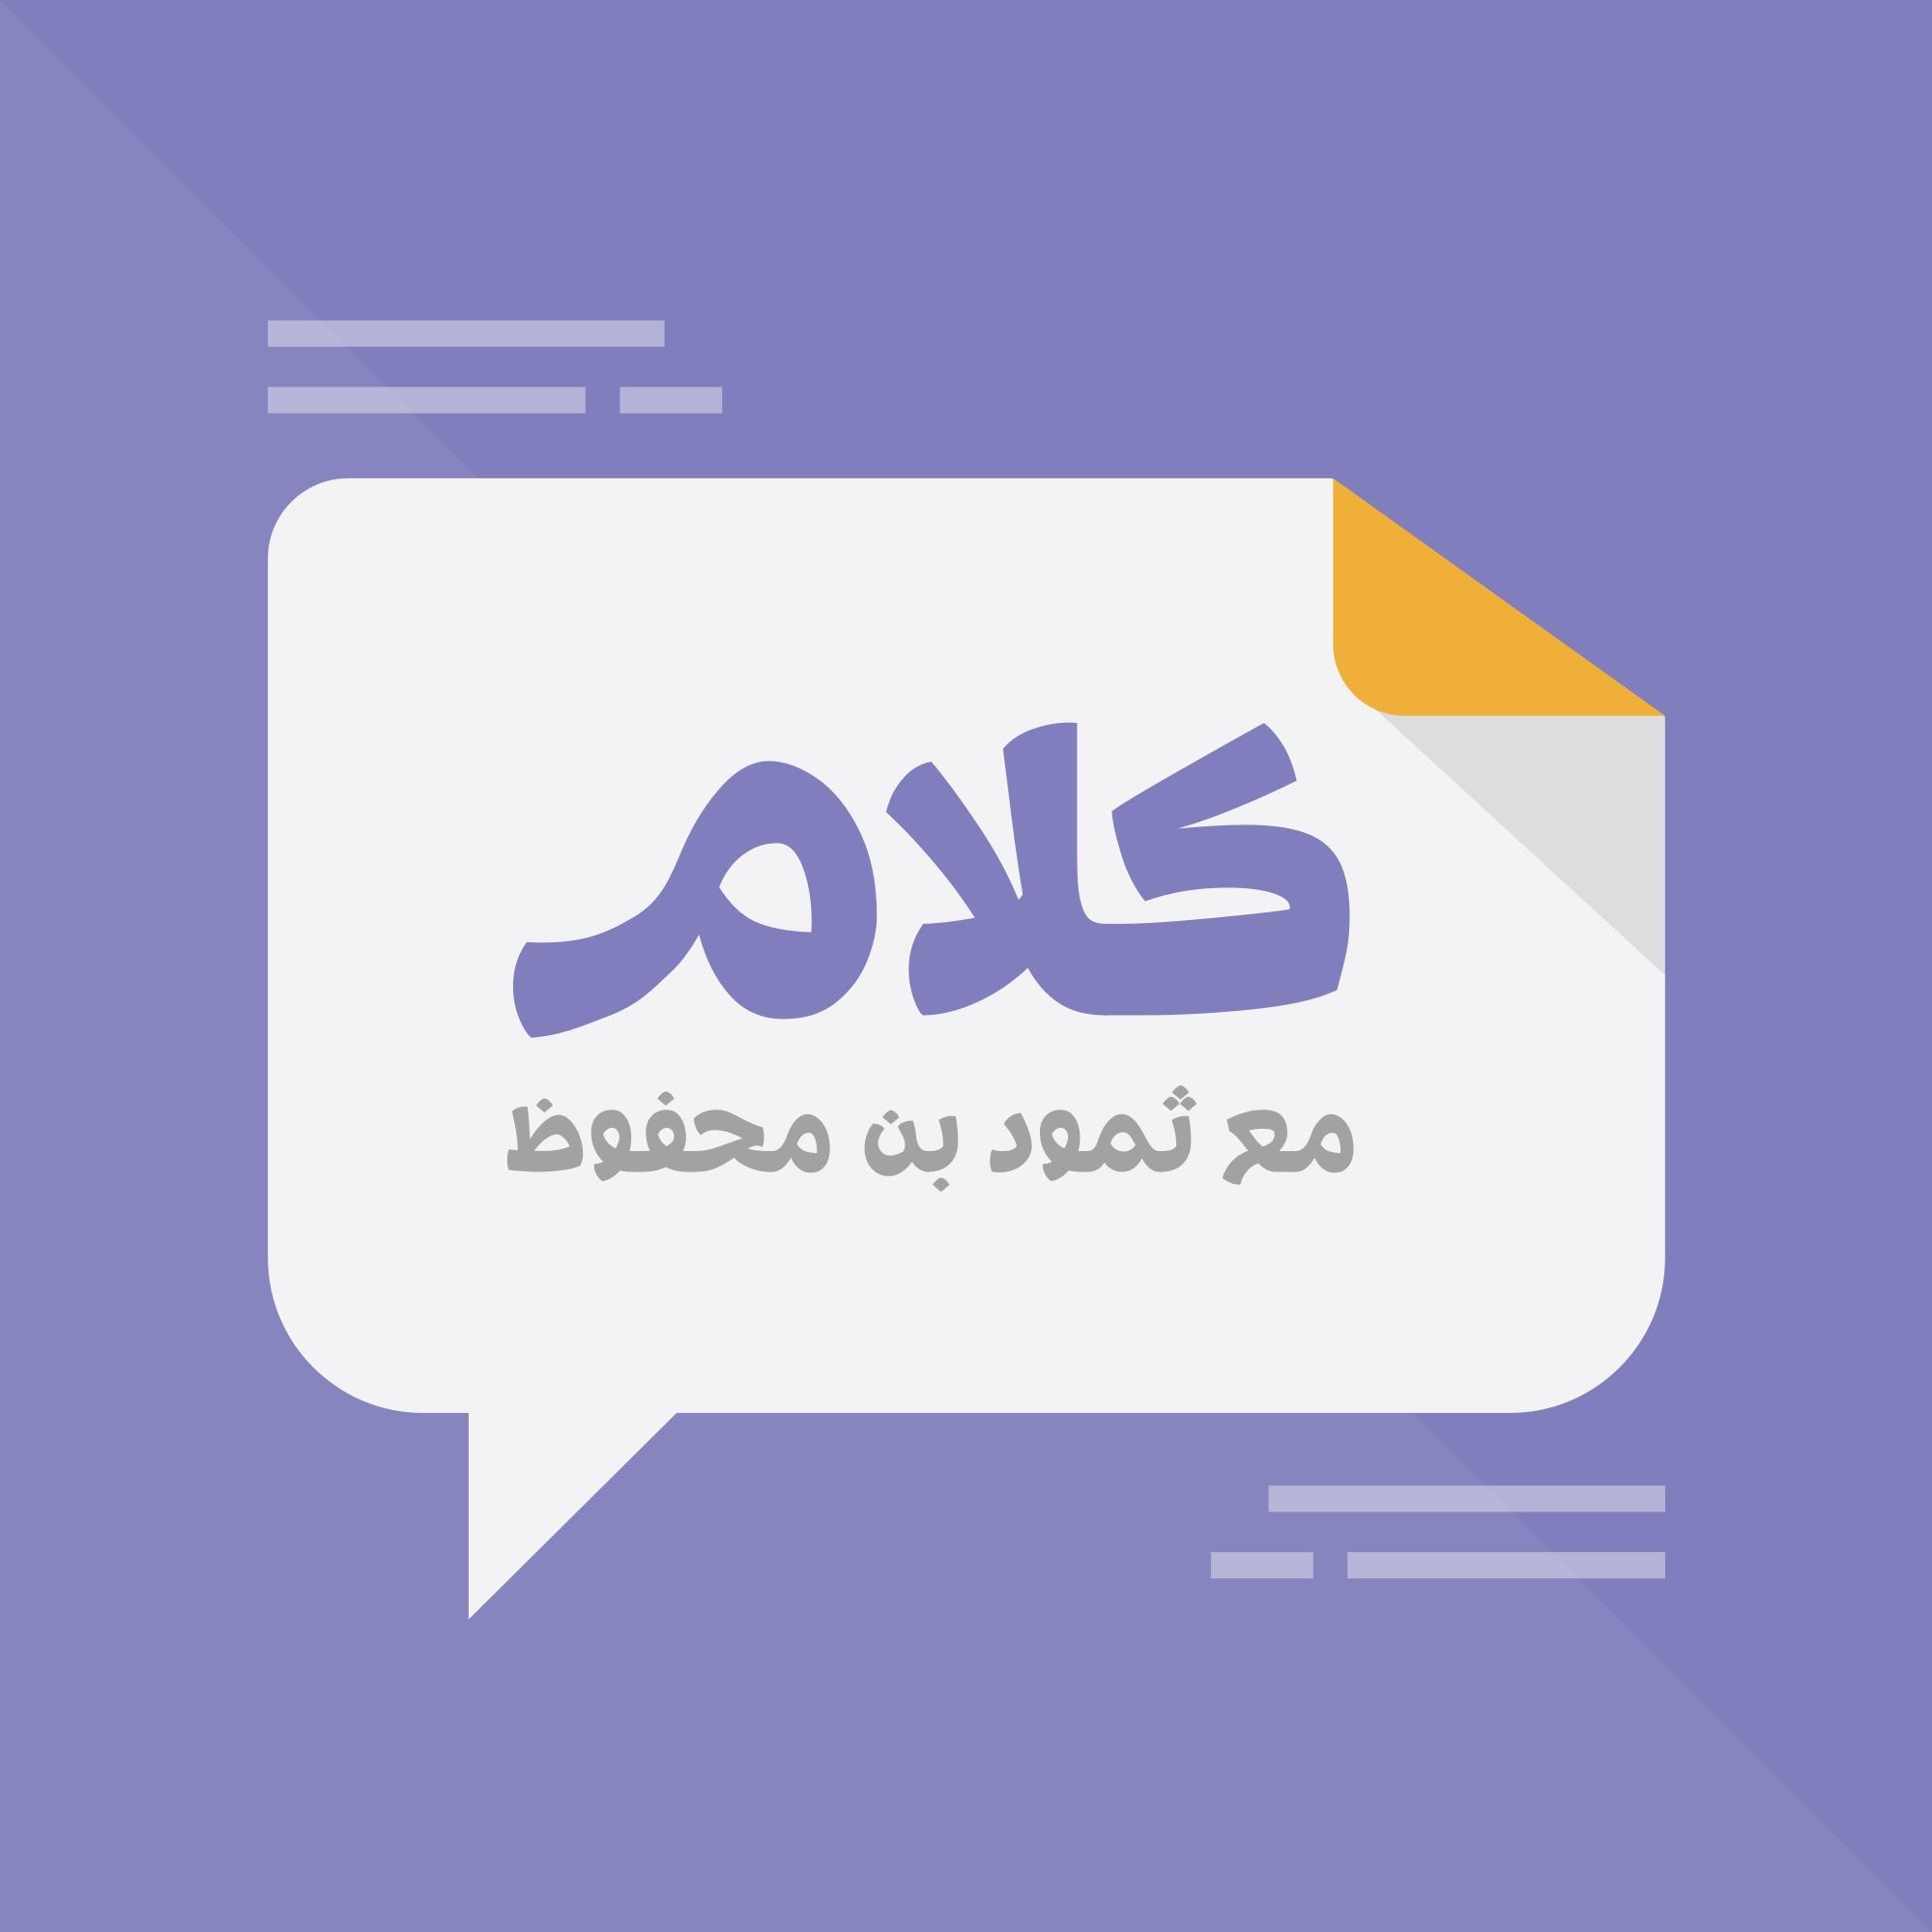 كلام 65: إيمان حيلوز من أبجد